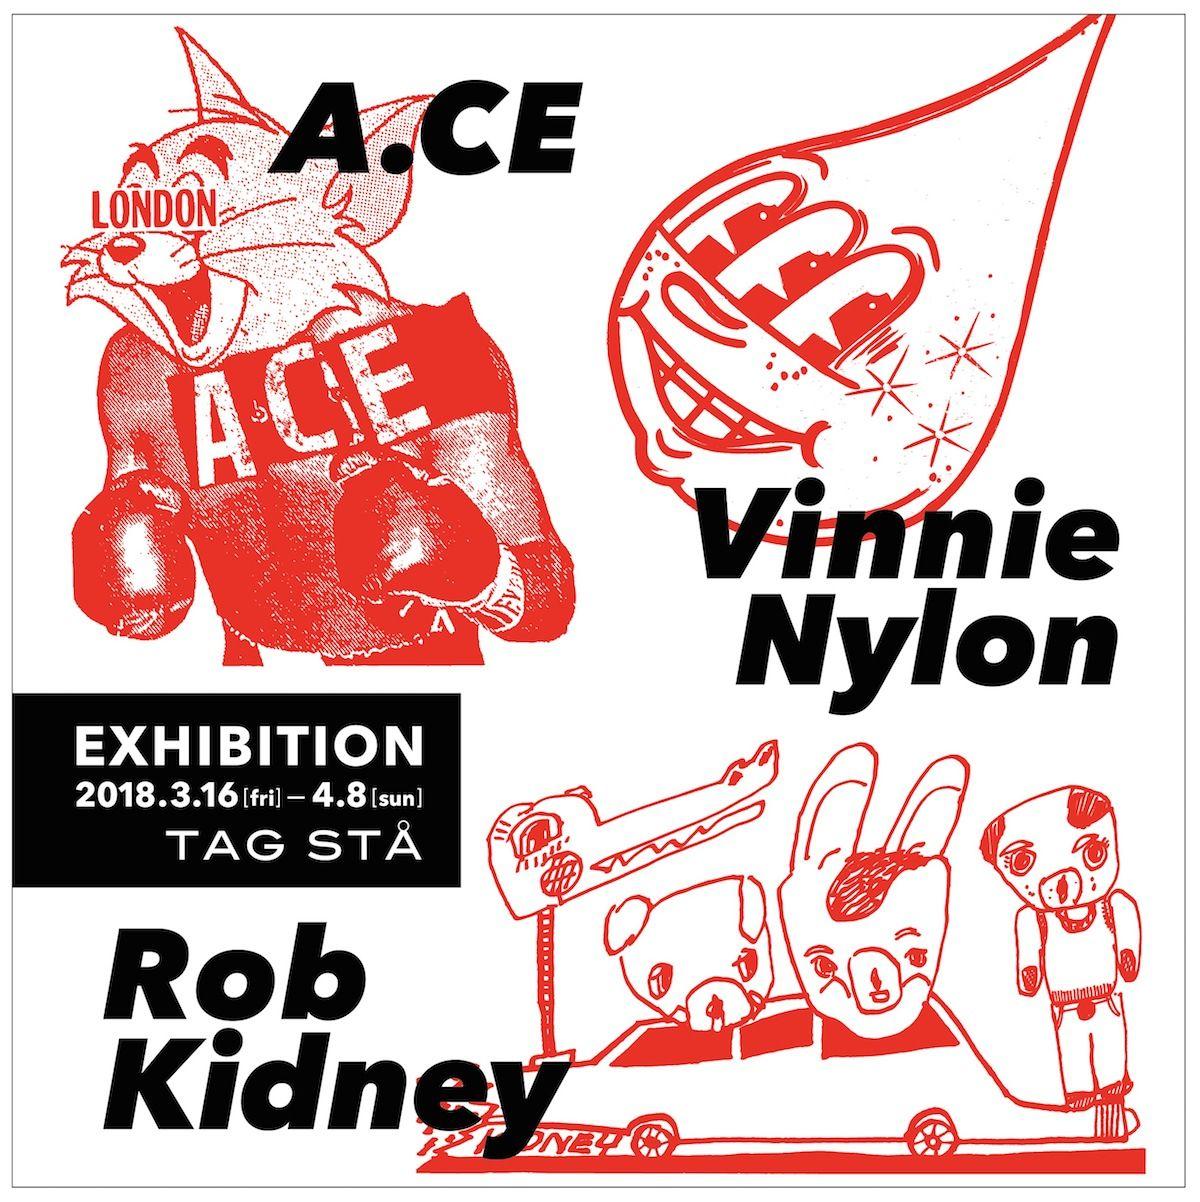 いまロンドンをはじめ世界が注目するアーティスト3人による展覧会が福岡で開催! art180216_tagsta_1-1200x1202